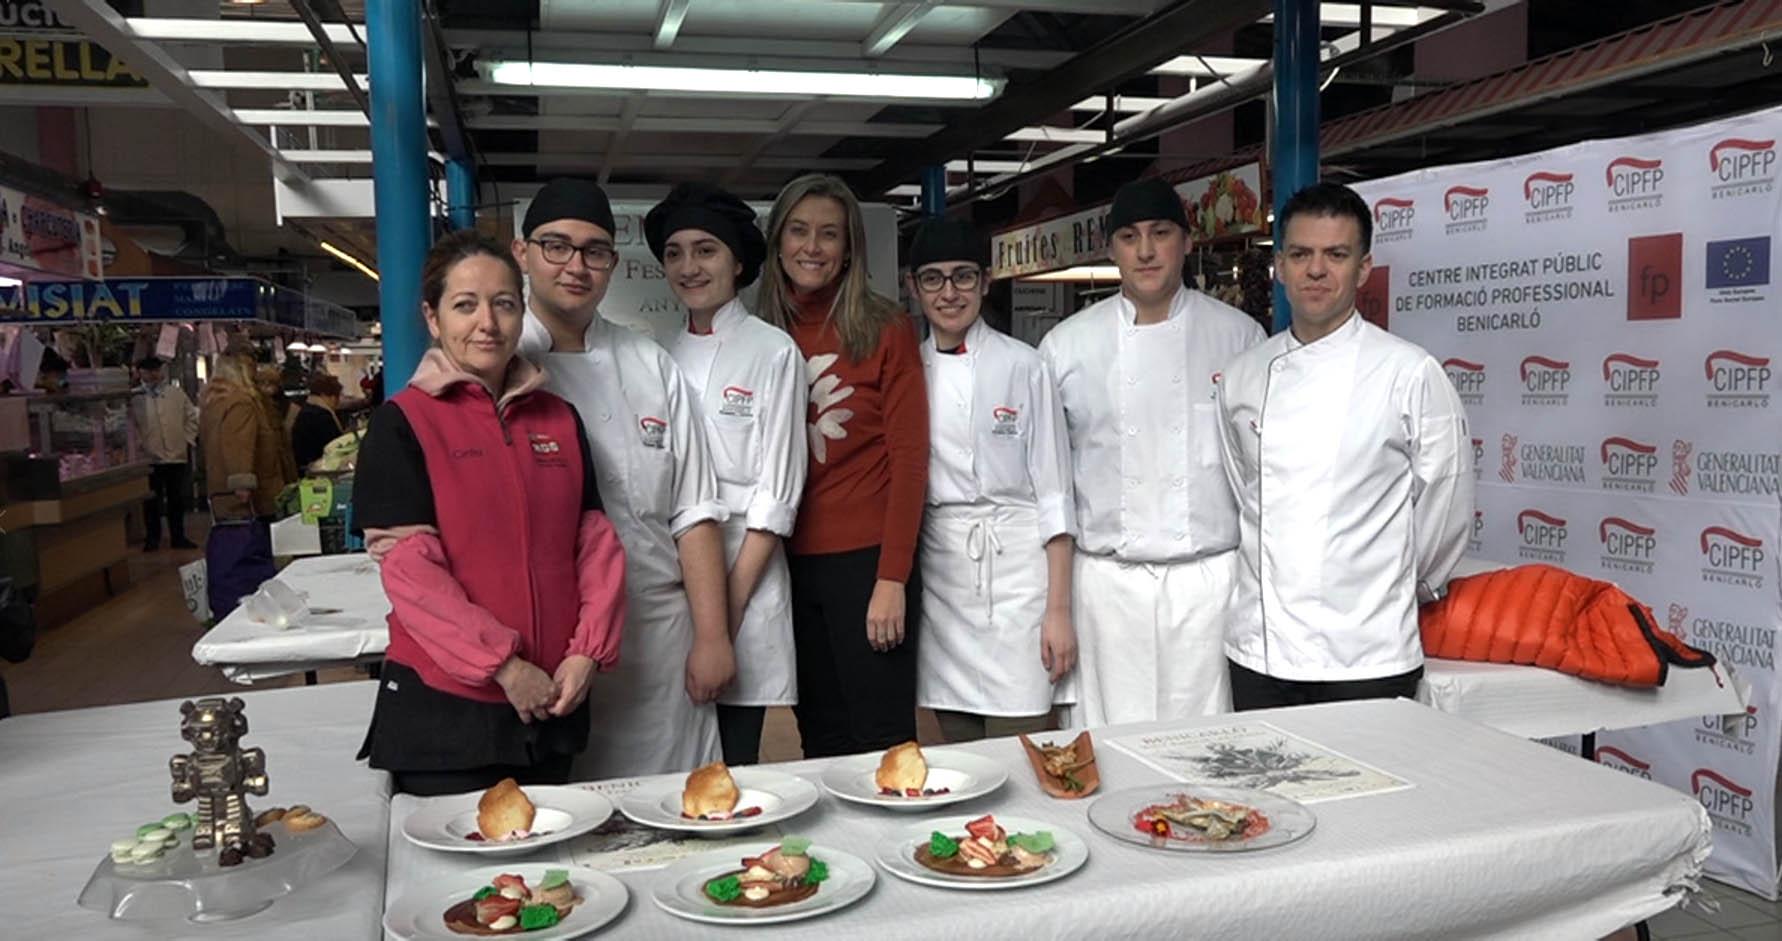 Benicarló, els alumnes de Cuina del CIPFP realitzen una demostració gastronòmica al Mercat